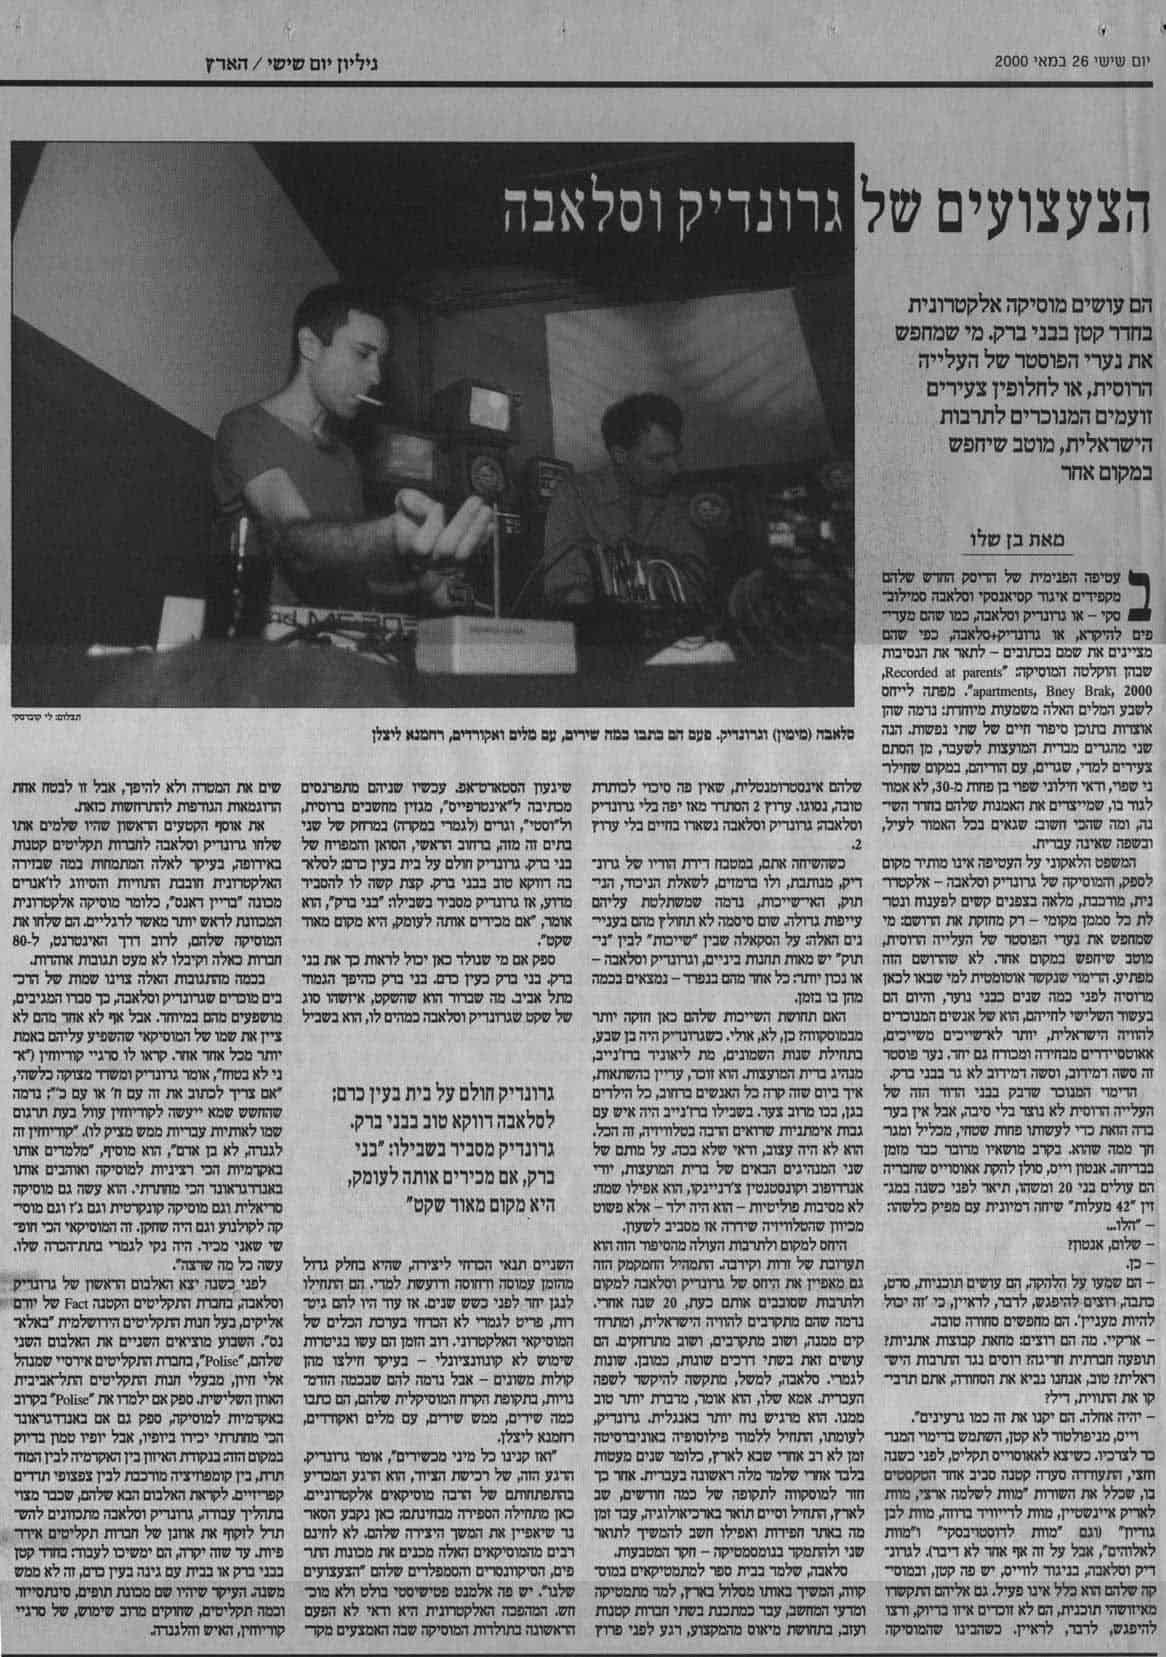 26 05 00 - HaTzaazuim Shel Grundik VeSlava, Ha-Aretz